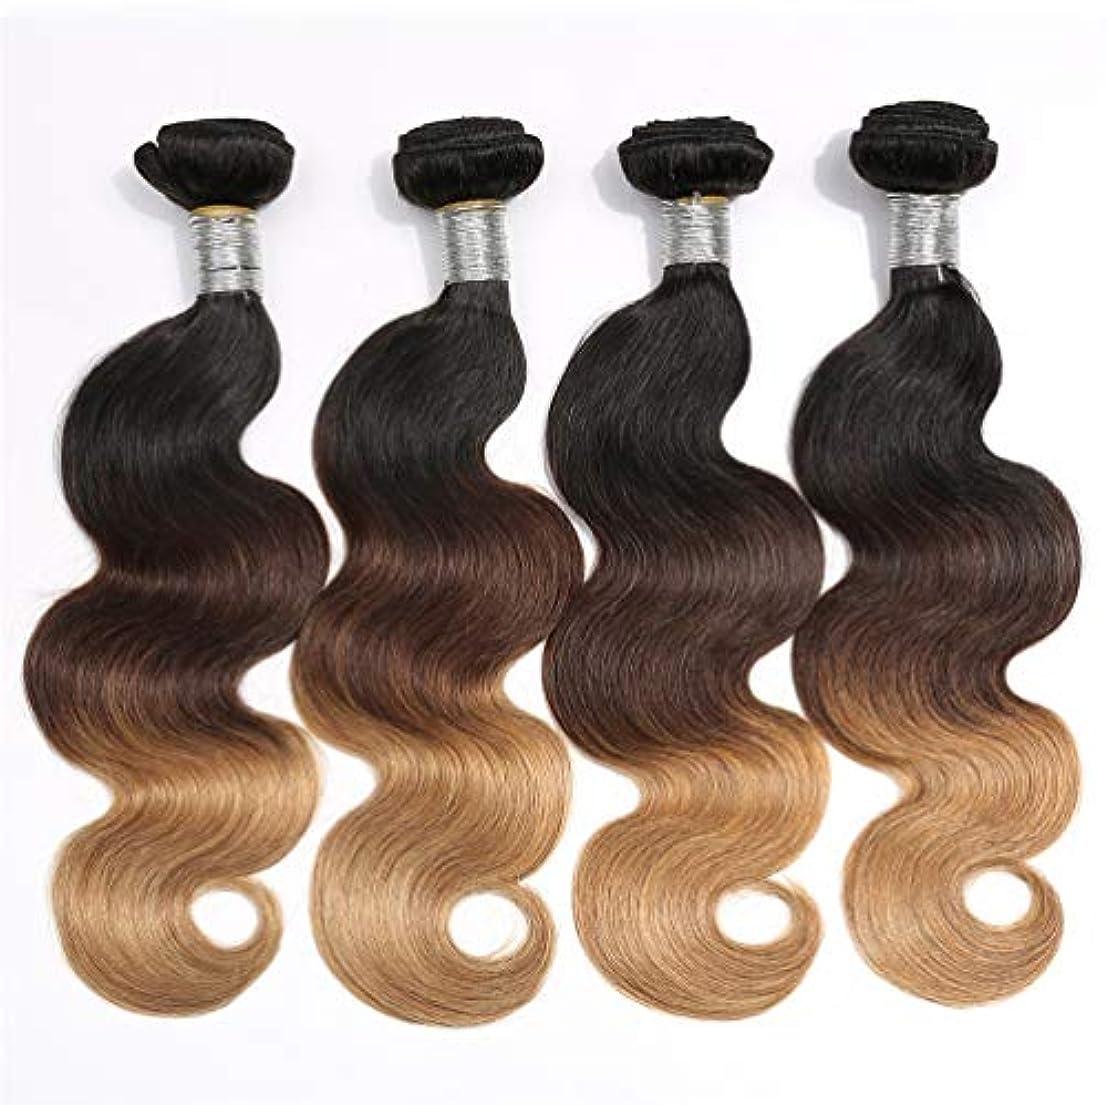 憂鬱ルールベーシック女性150%密度ブラジル髪の束実体波1バンドル髪の束実体波人間の髪の毛のグラデーション